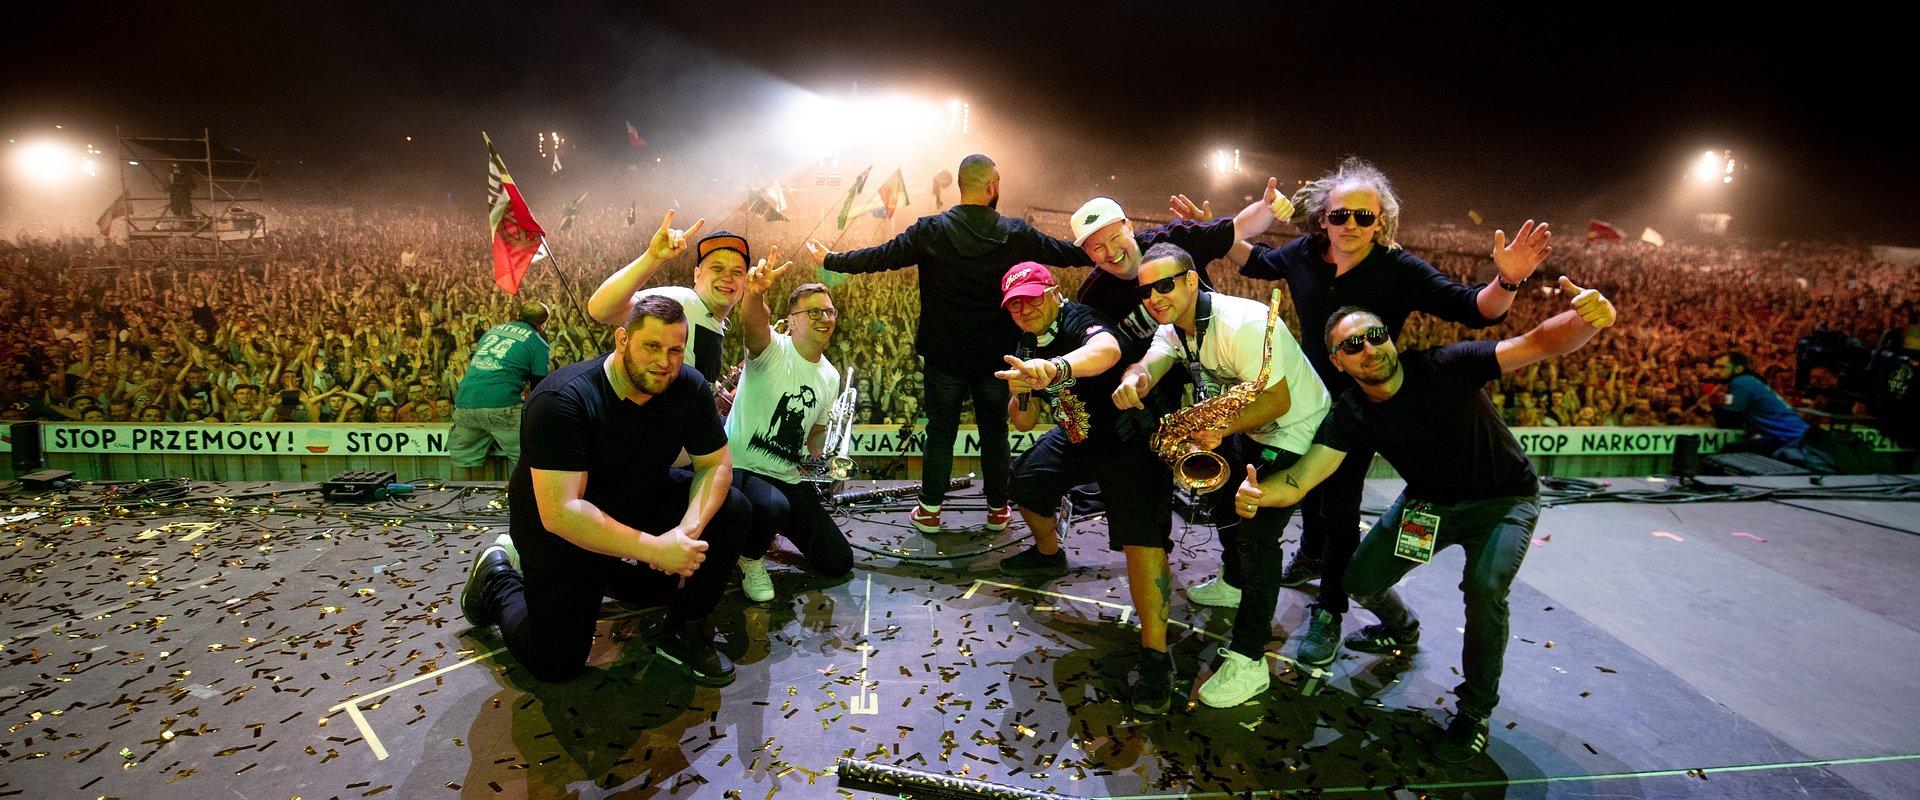 Śląski zespół z jamajskimi rytmami w sercu zagra na Pol'and'Rock Festival Online